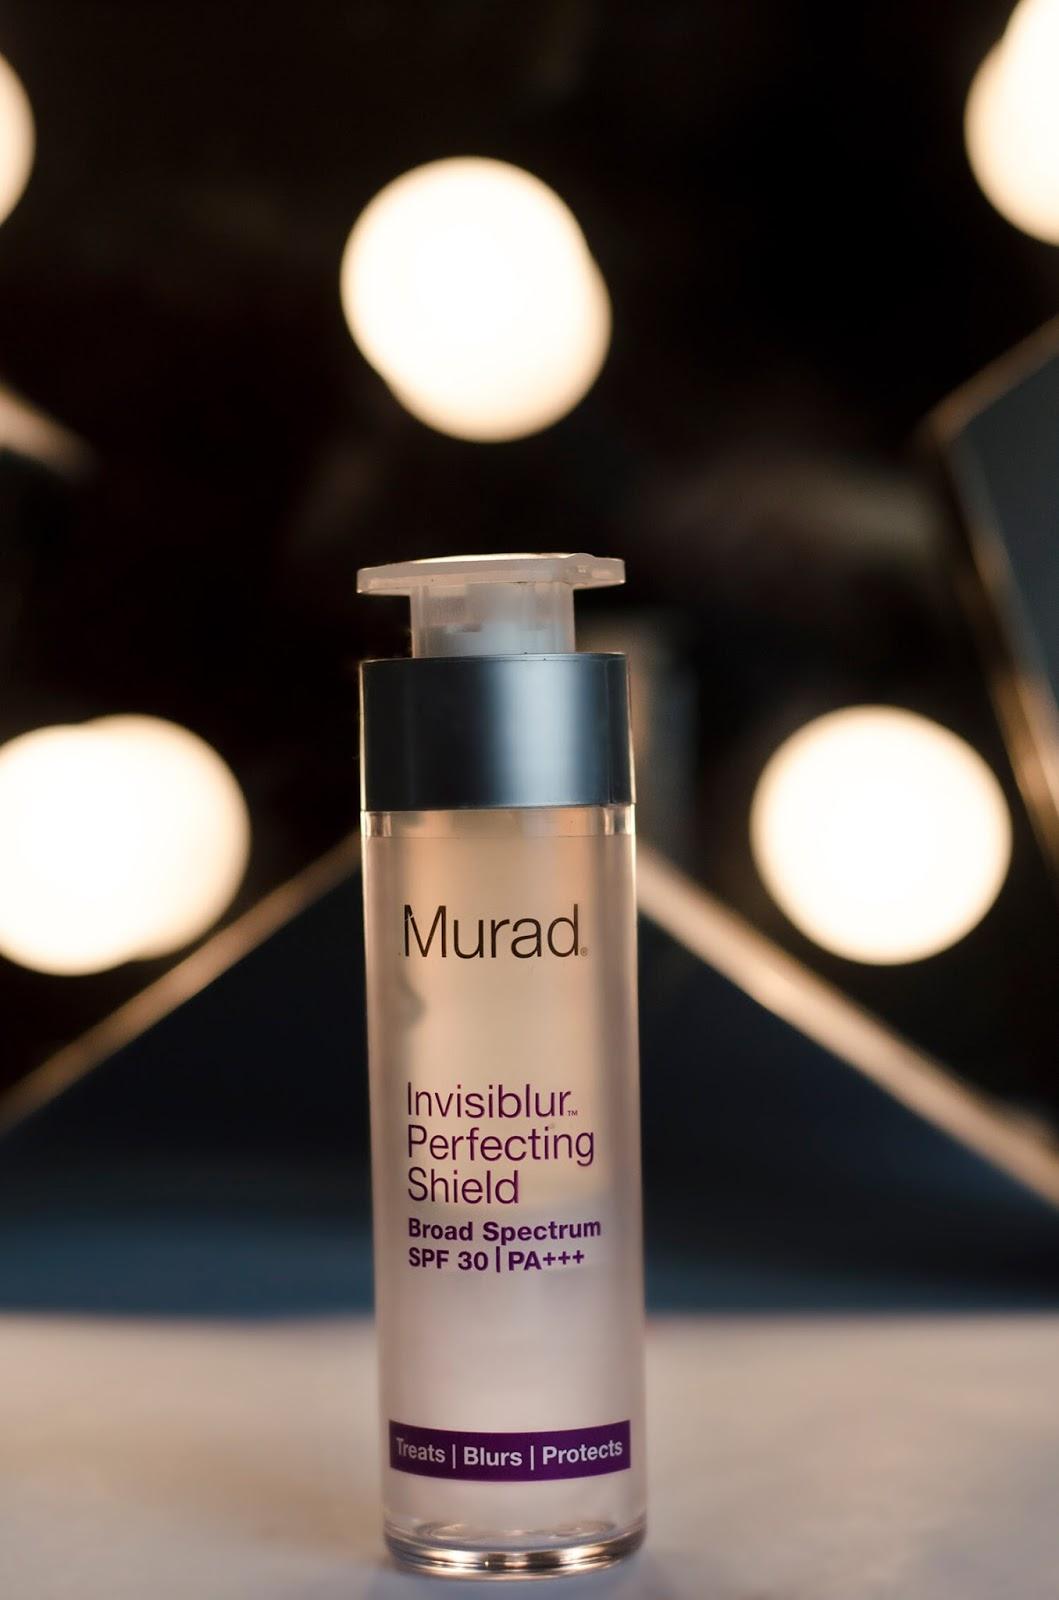 Murad Invisiblur Perfecting Shield Primer